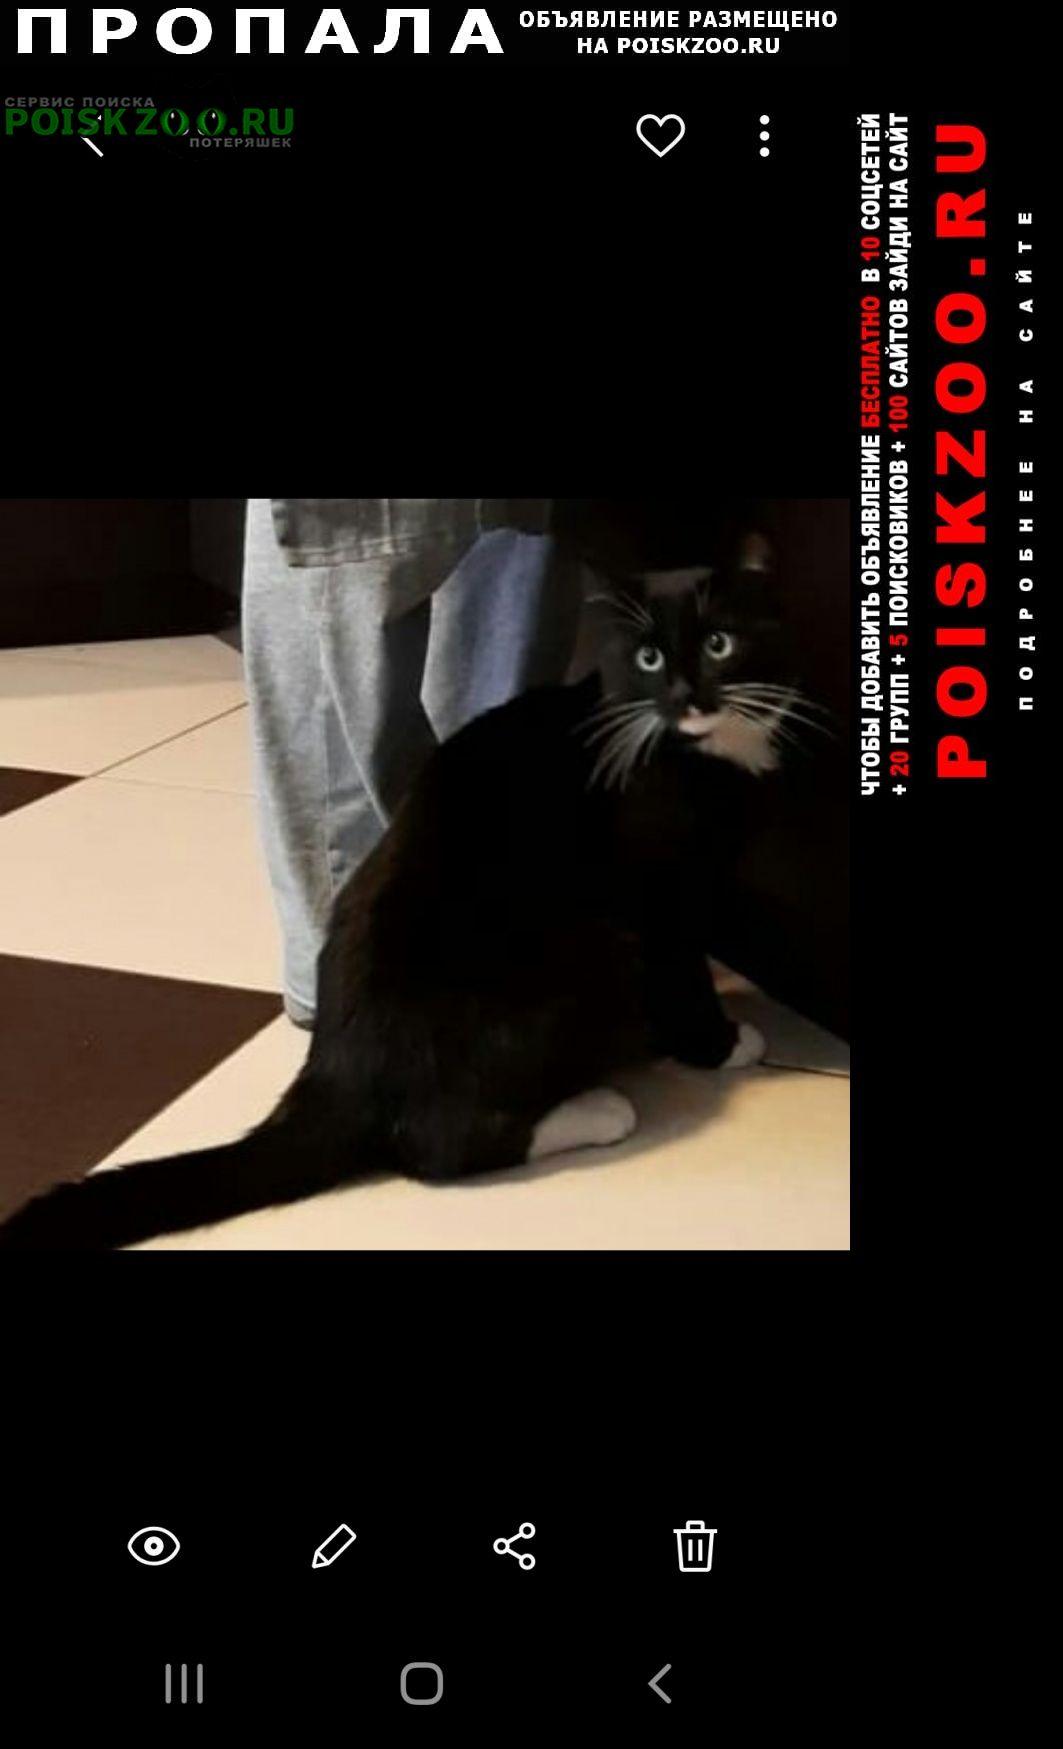 Пропала кошка Киржач